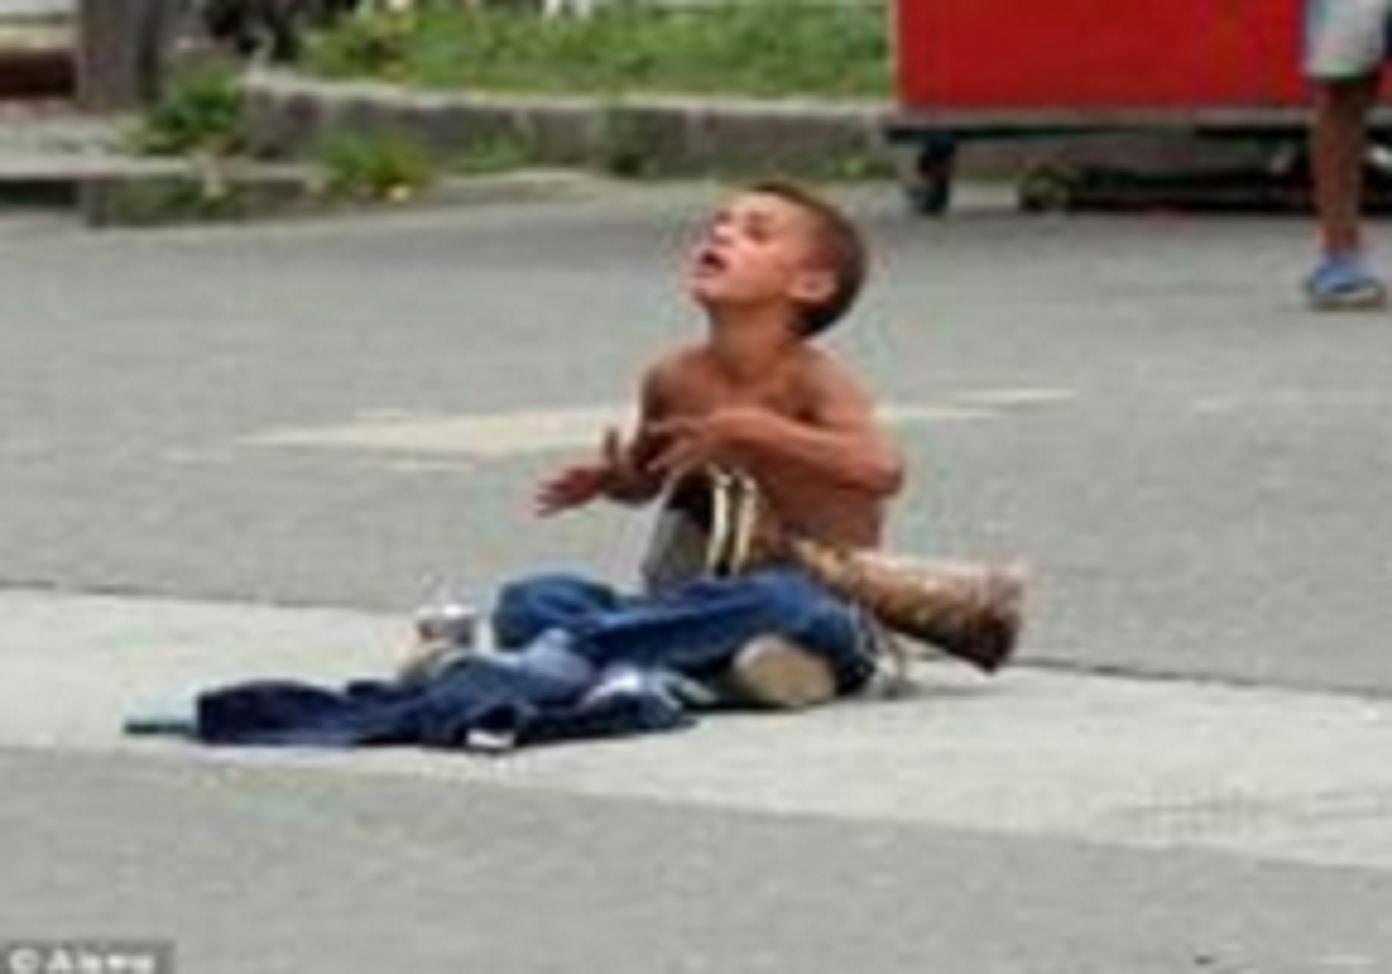 Ἡ Εὐρώπη τῆς φτώχειας3